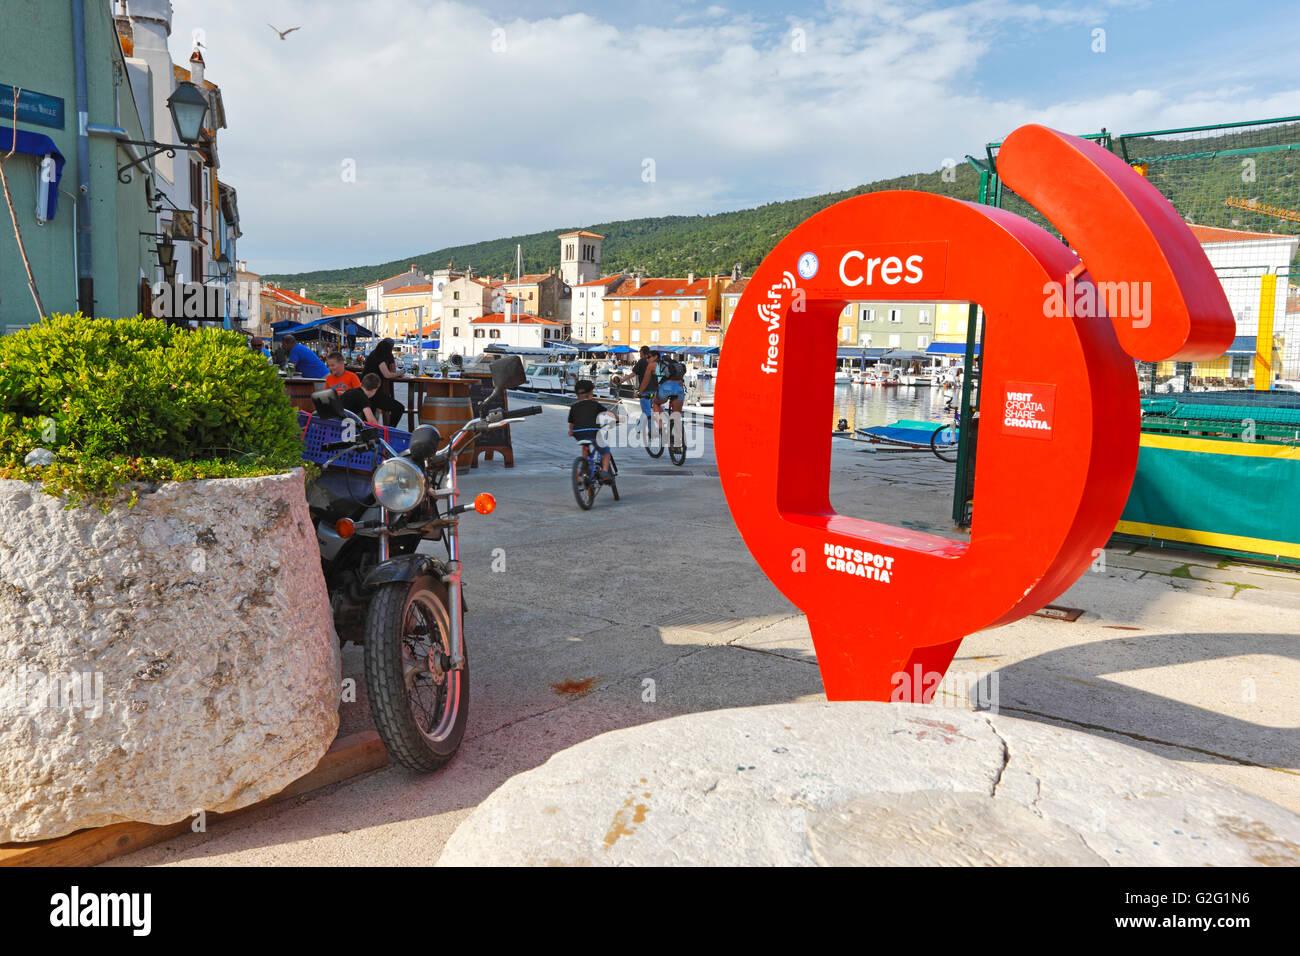 Connexion Wi-Fi au réseau local, connexion Wi-Fi dans la ville de Cres Photo Stock